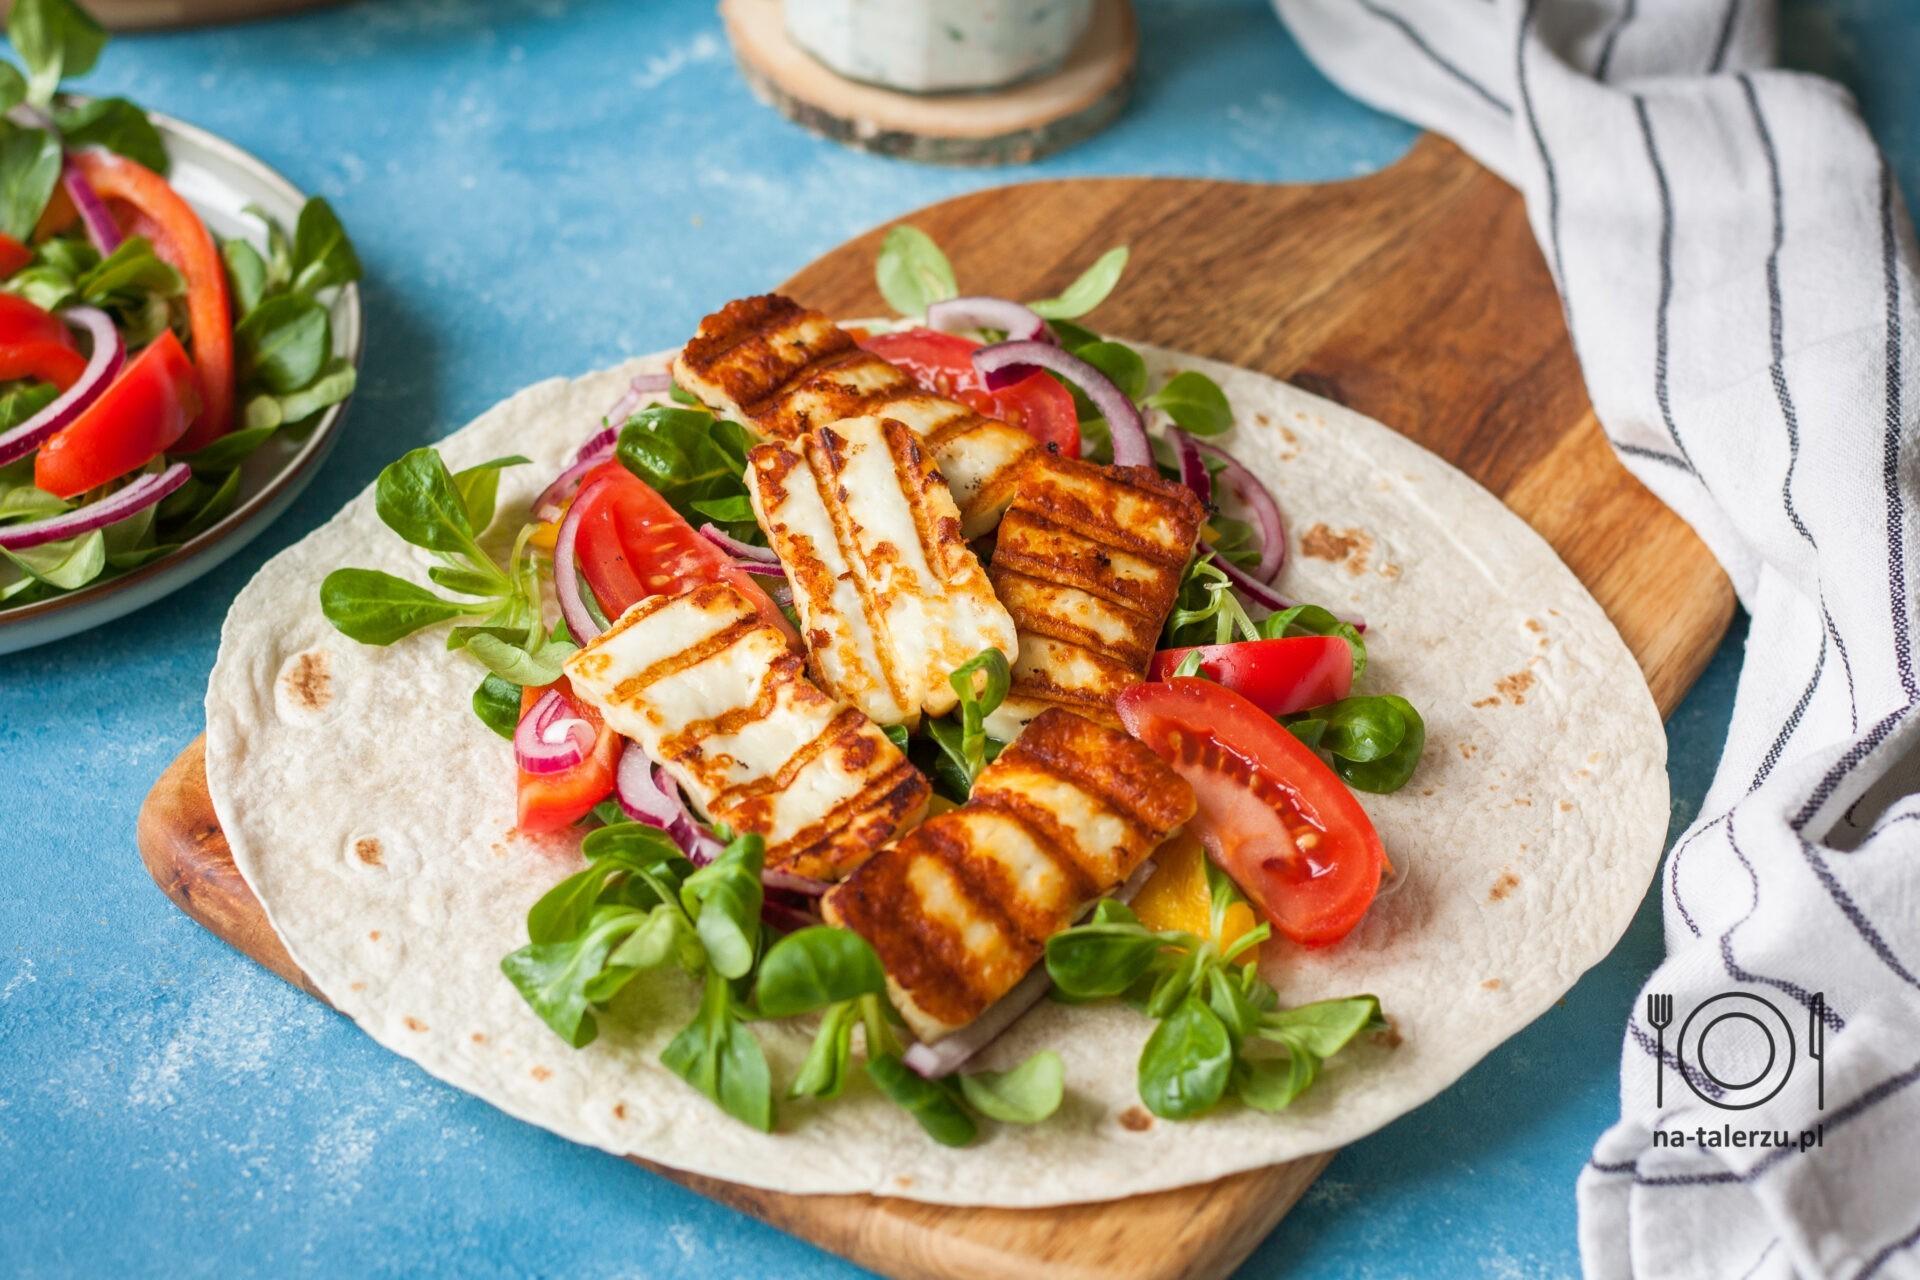 Tortilla z serem halloumi i warzywami